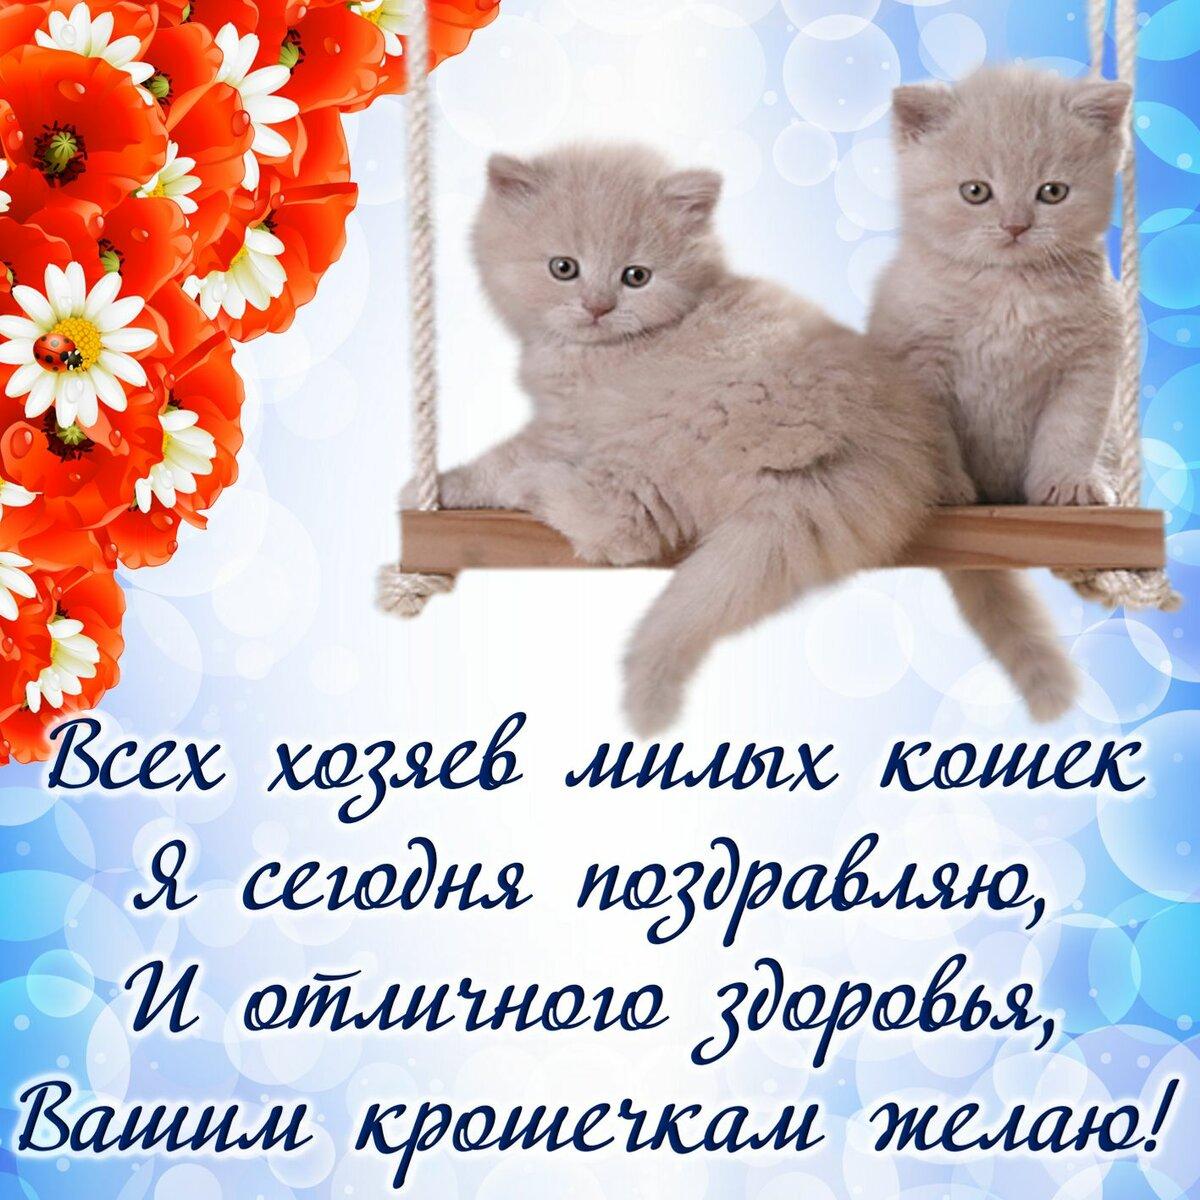 Открытки день кошек 8 августа красивые, аватарку для